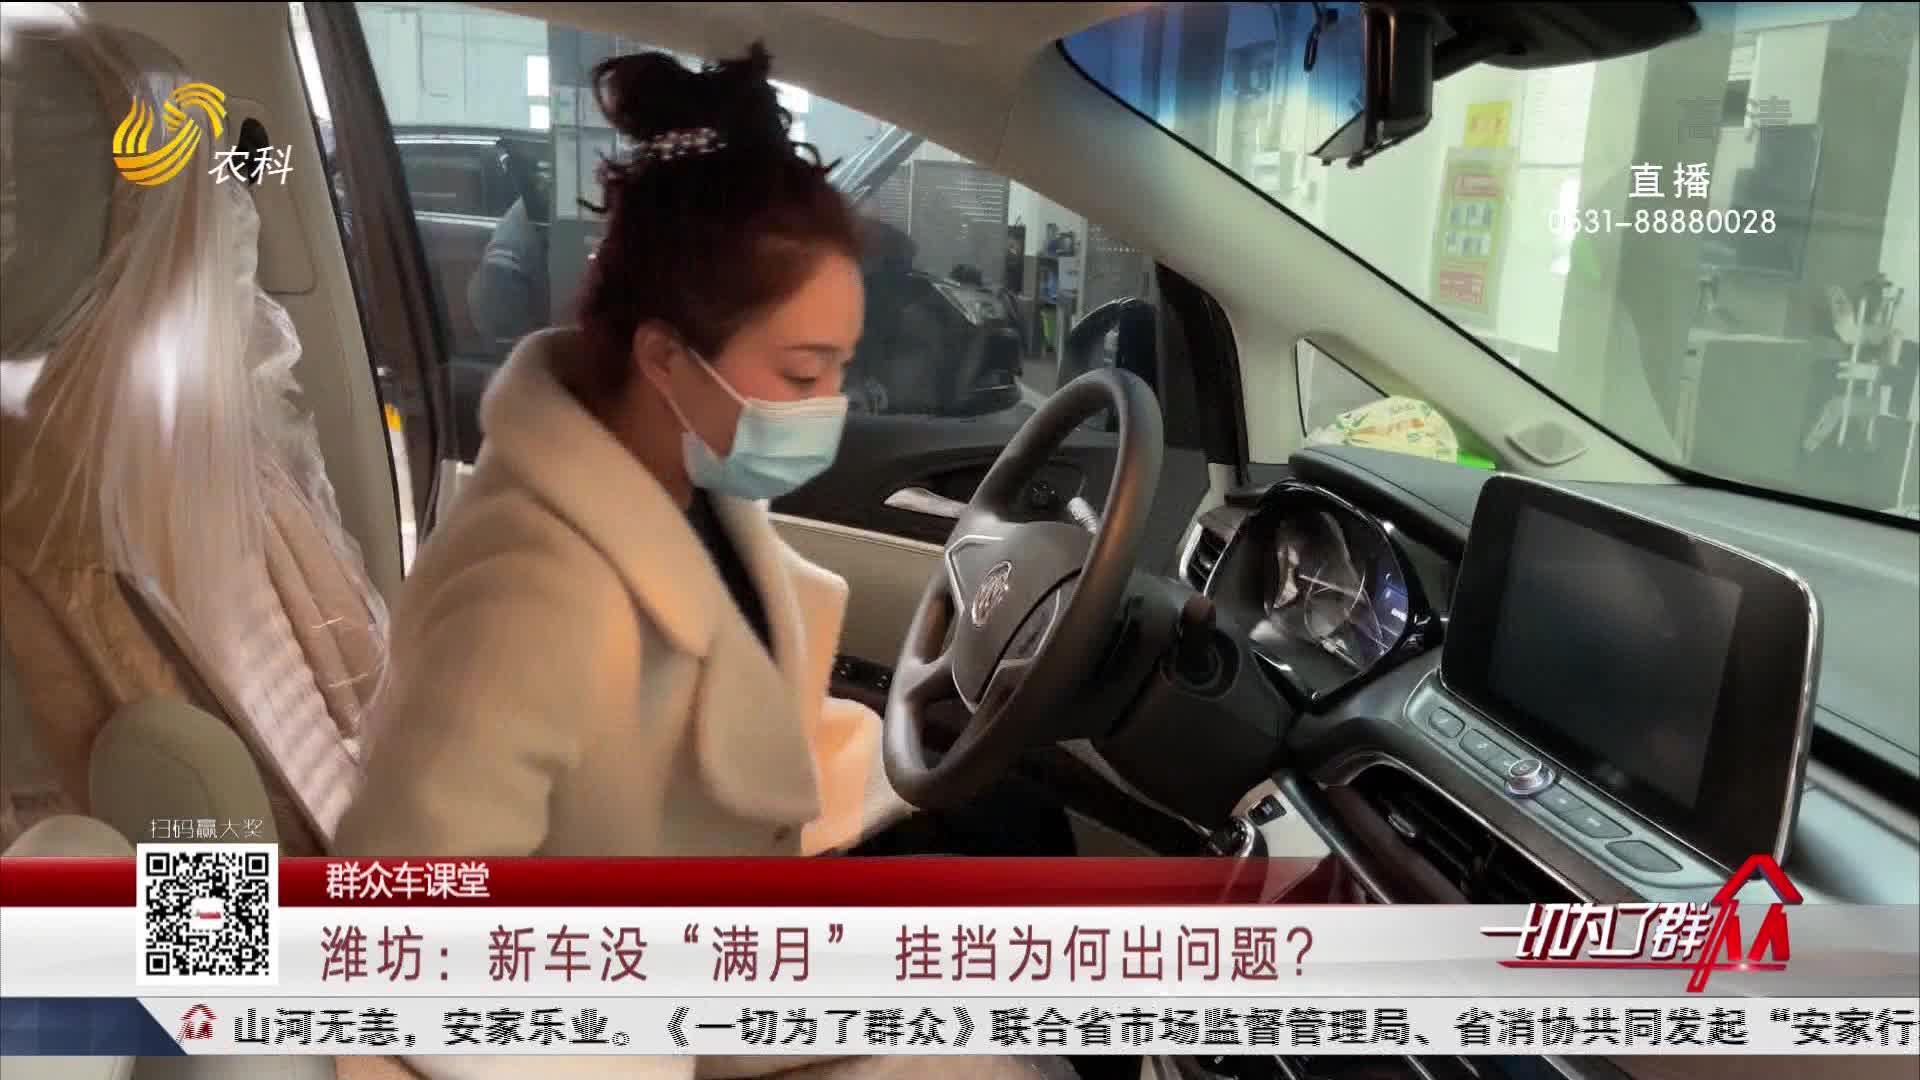 """【群众车课堂】潍坊:新车没""""满月"""" 挂挡为何出问题?"""